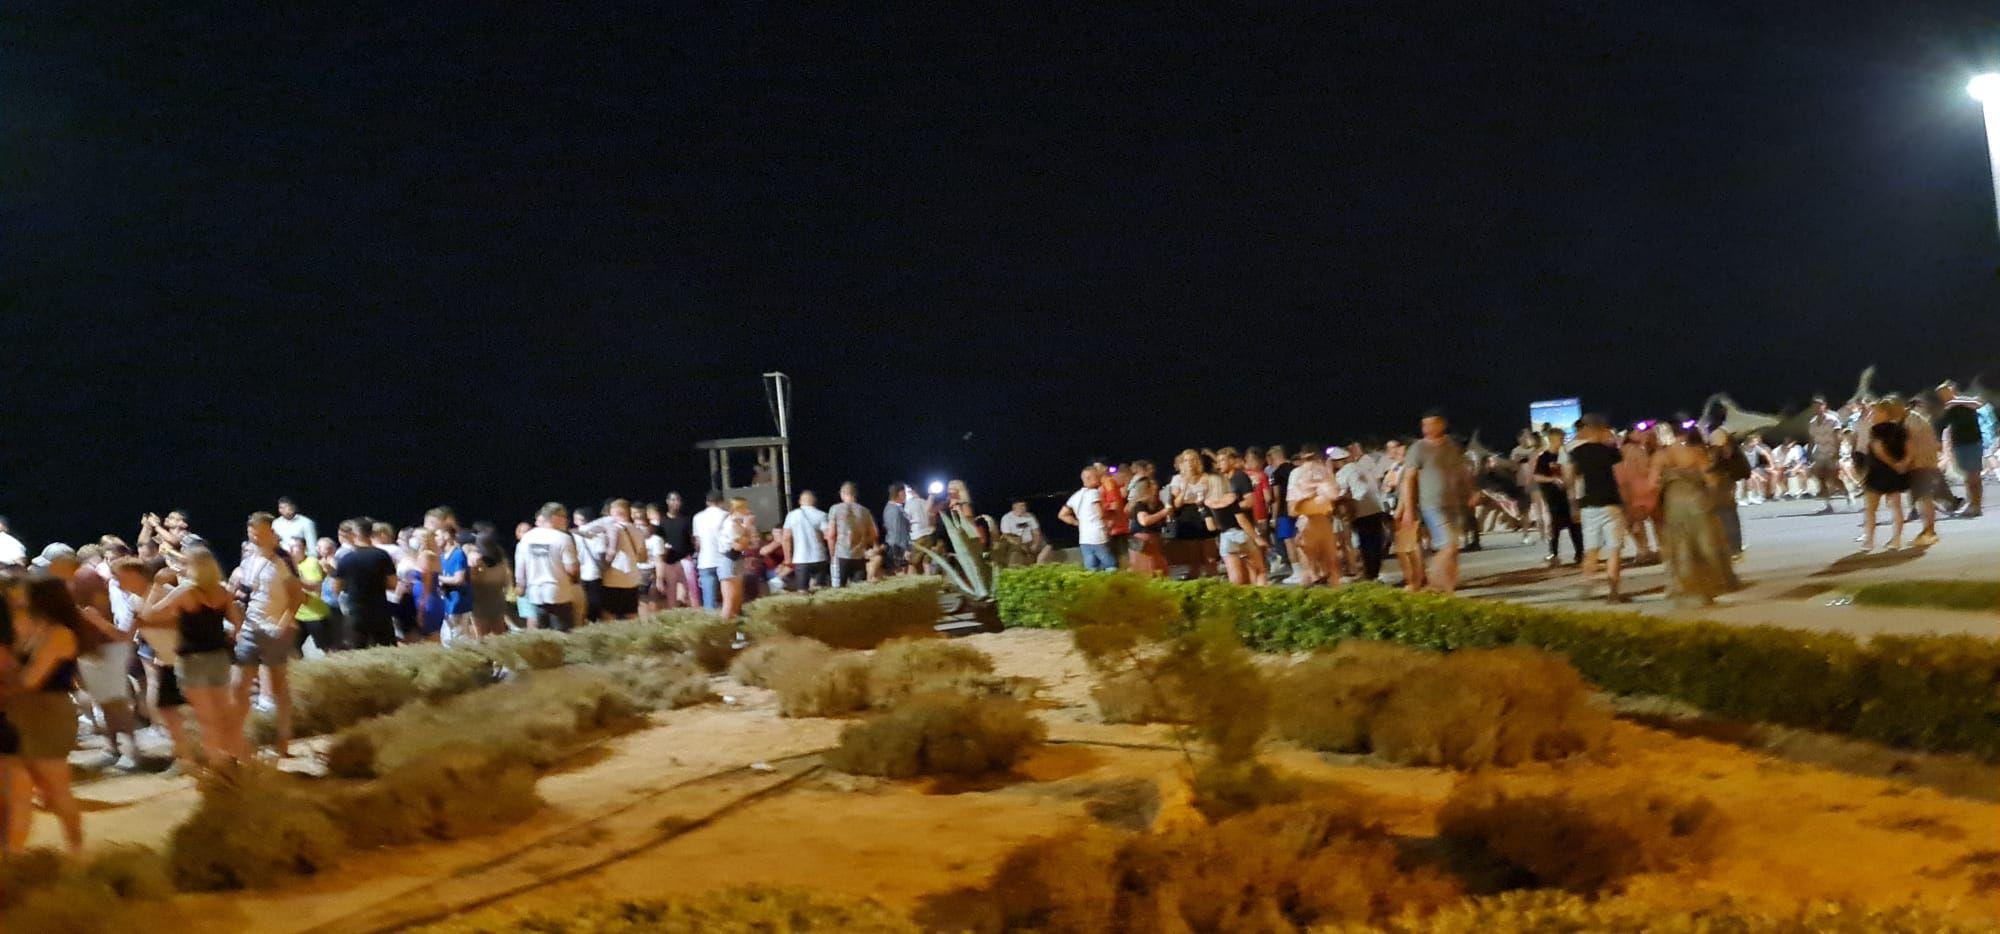 Nuevo botellón en Platja de Palma pese a las restricciones